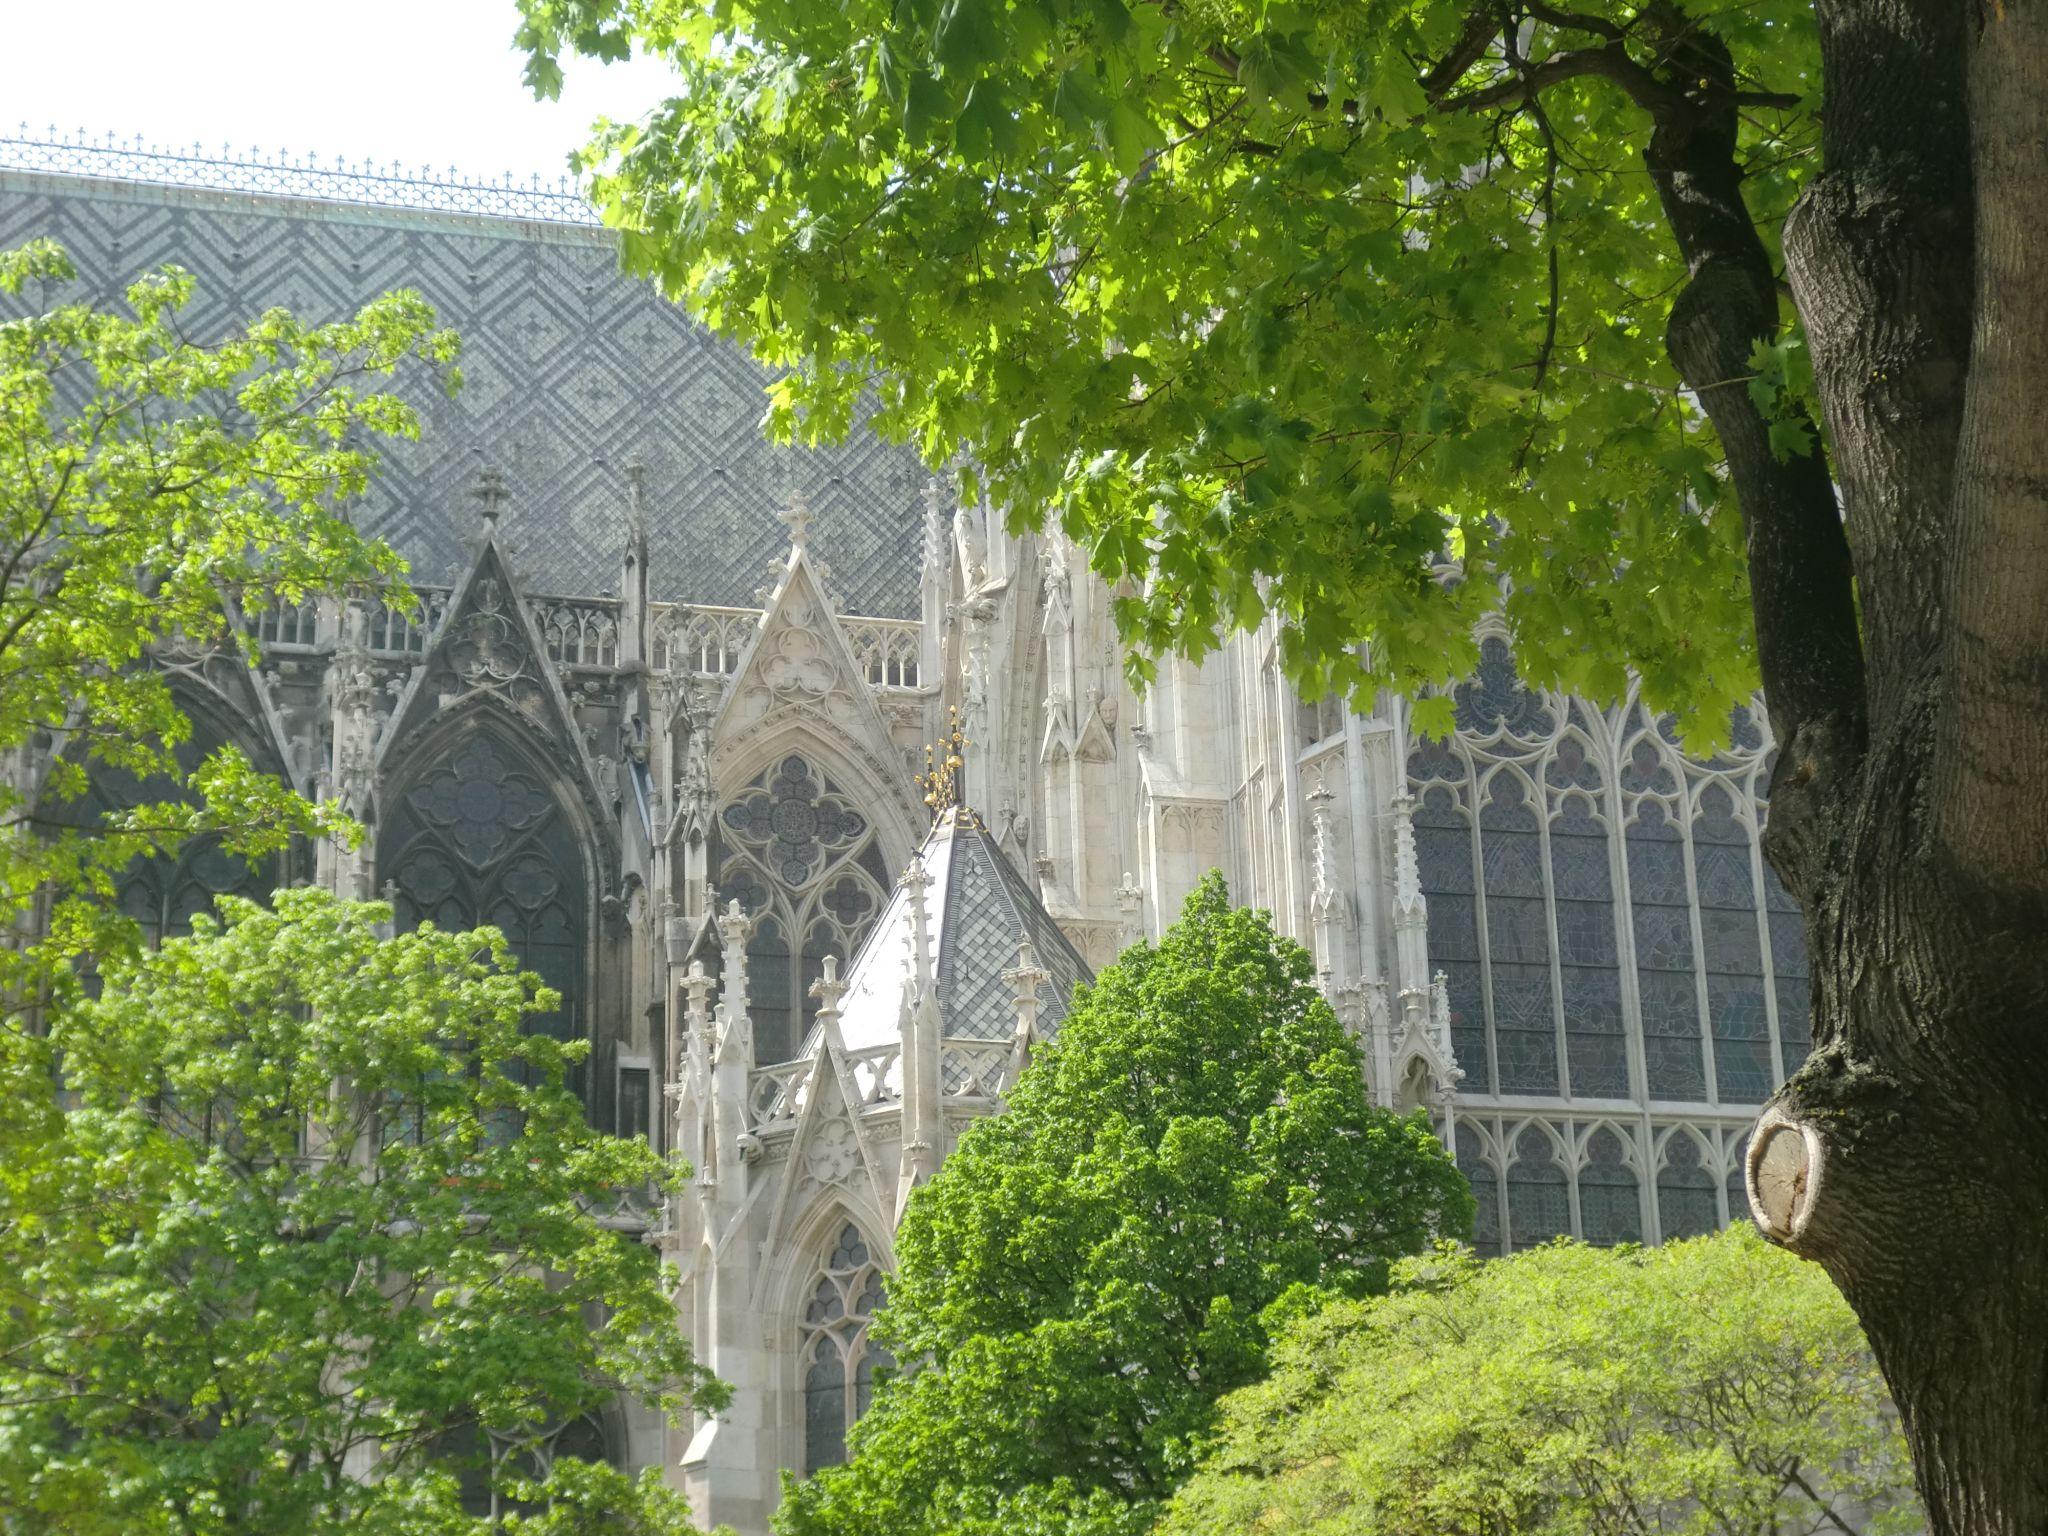 Vienna cathedral 57 1440x1080 - Vienna: elegant beauty